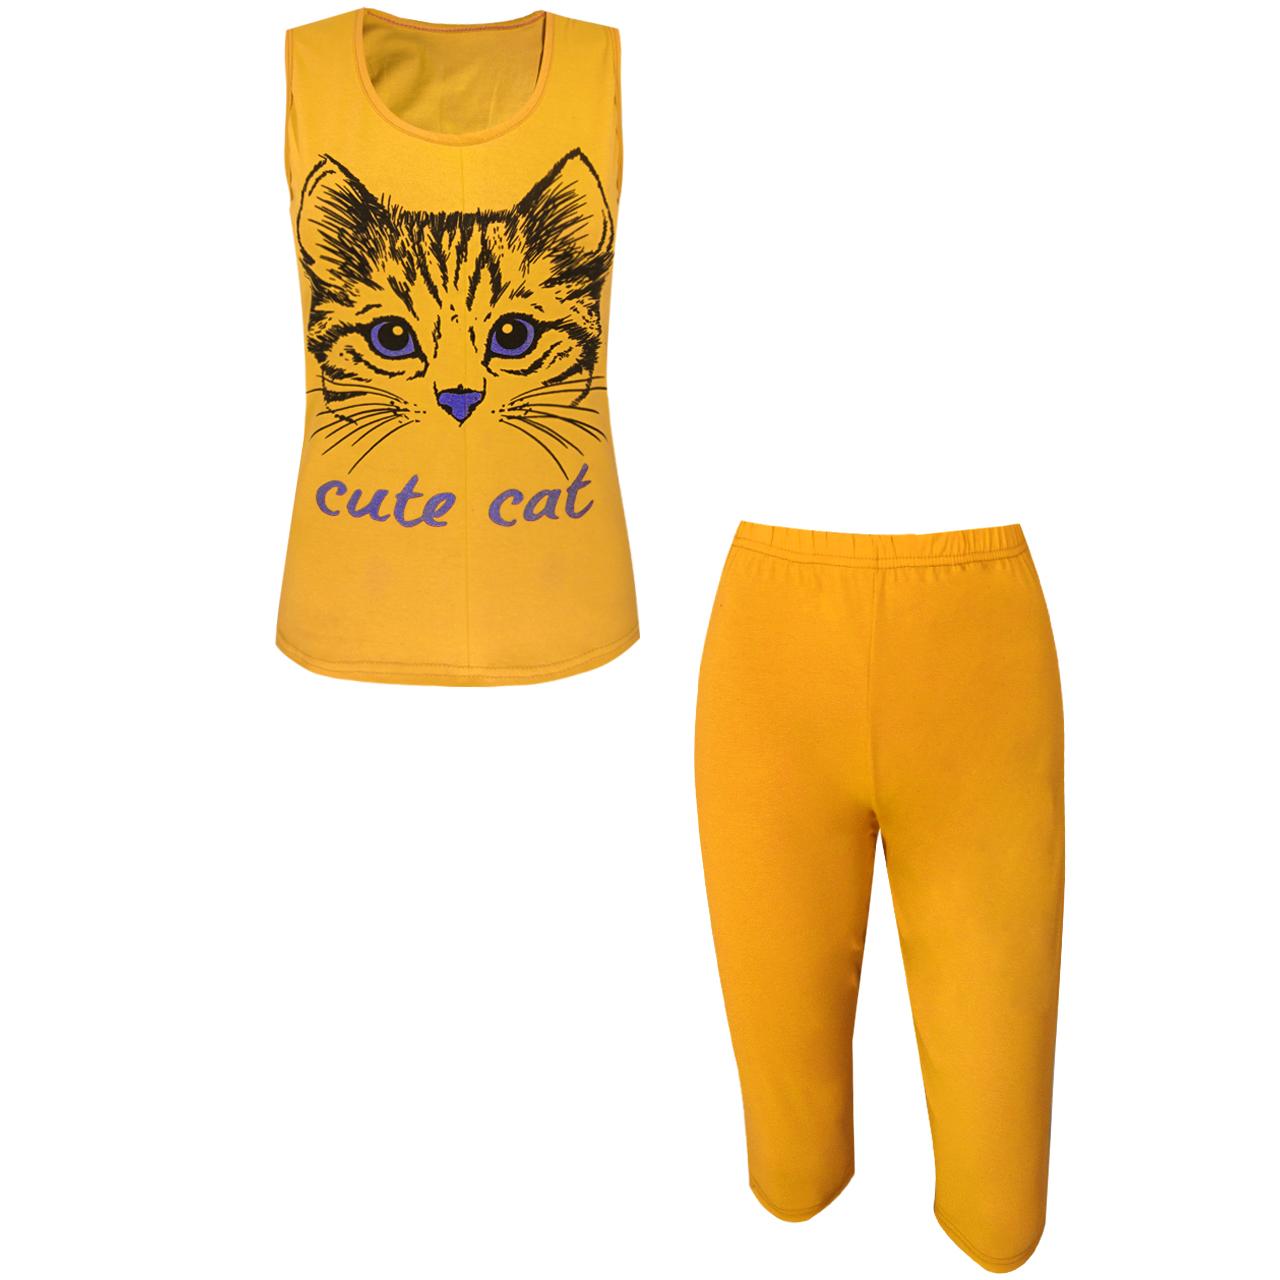 خرید                                      ست تاپ و شلوارک زنانه مدل Cute Cat رنگ زرد خردلی